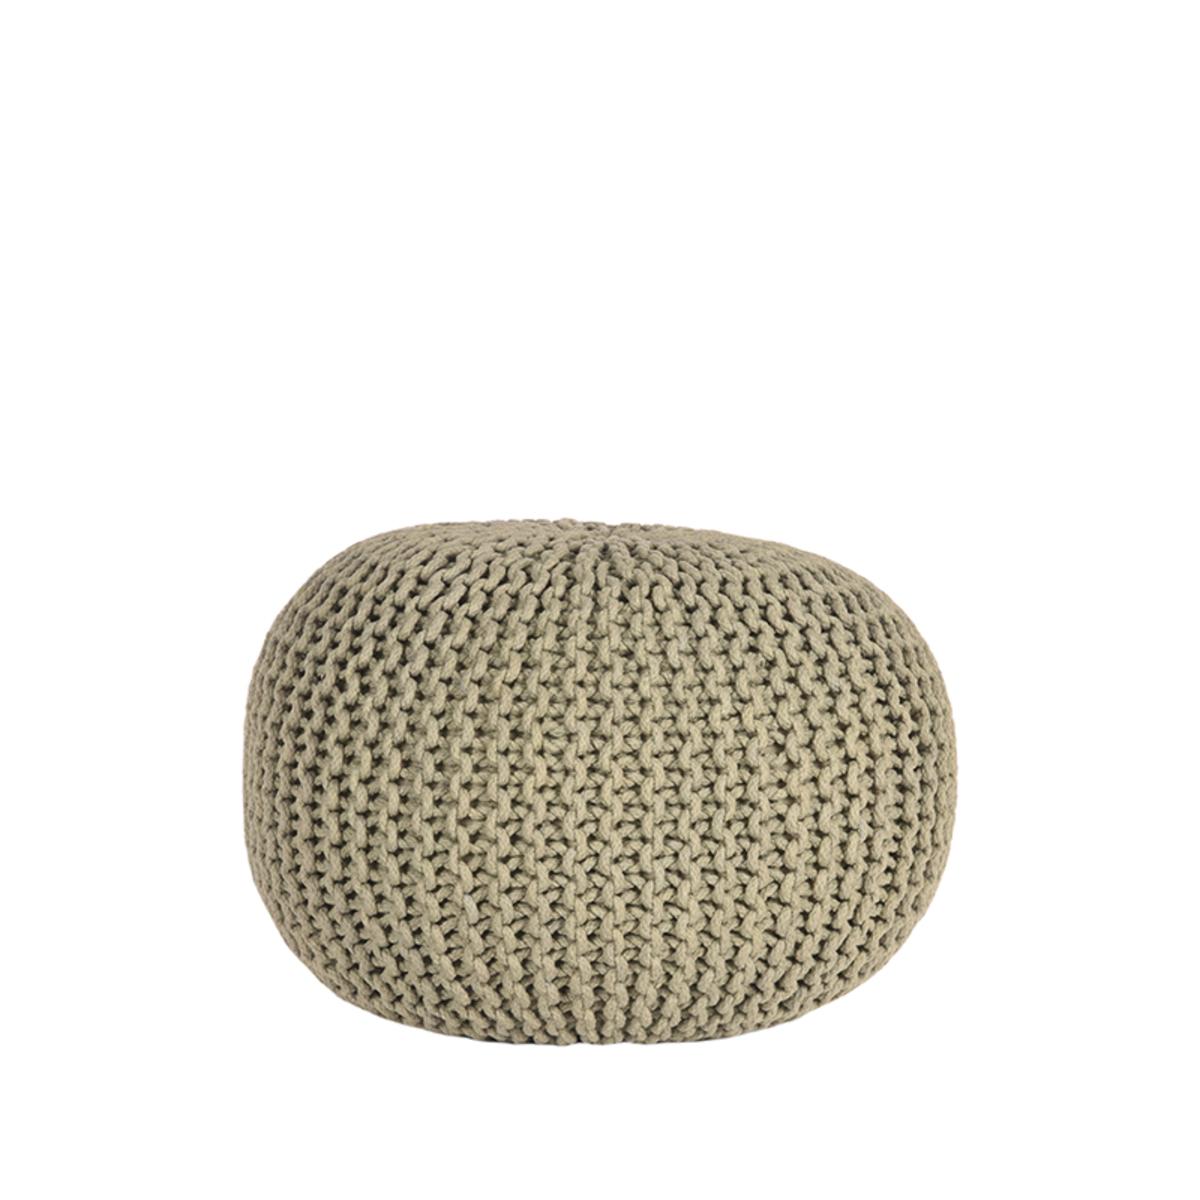 LABEL51 Poef Knitted - Olijfgroen - Katoen - M